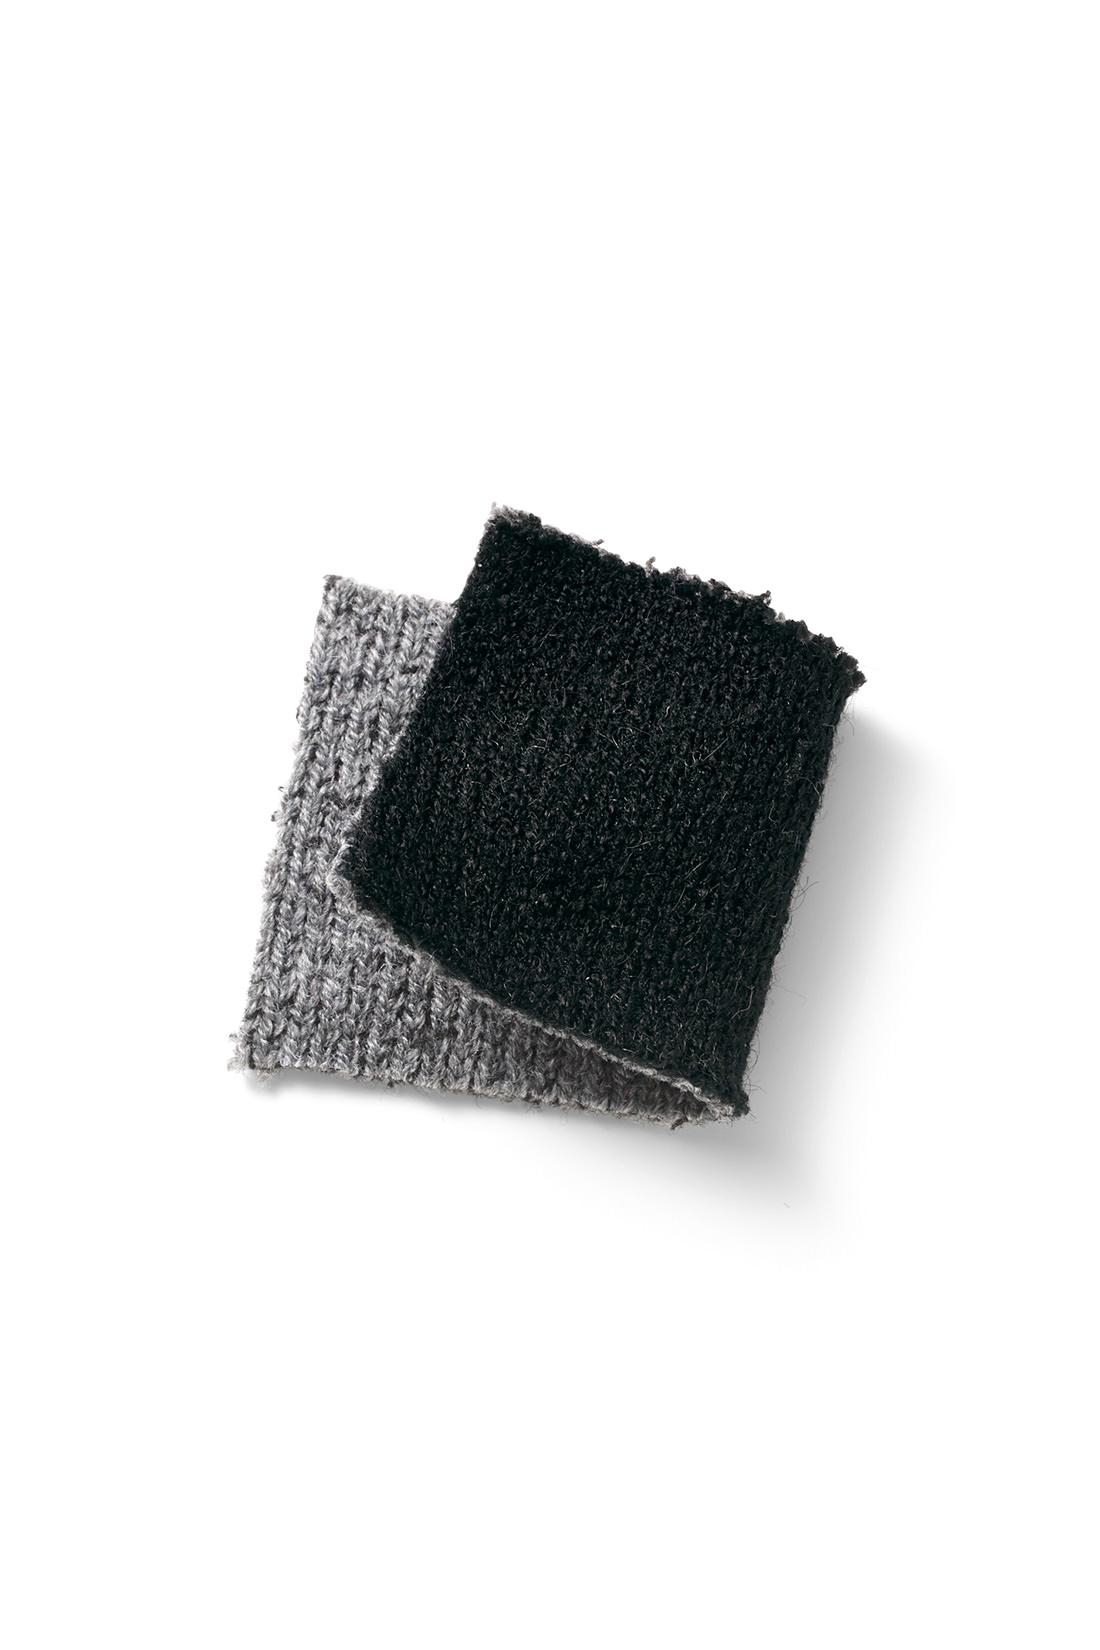 表裏が配色遣いのダブルフェイス素材は肉厚ながらとても軽い着心地。 ※お届けするカラーとは異なります。